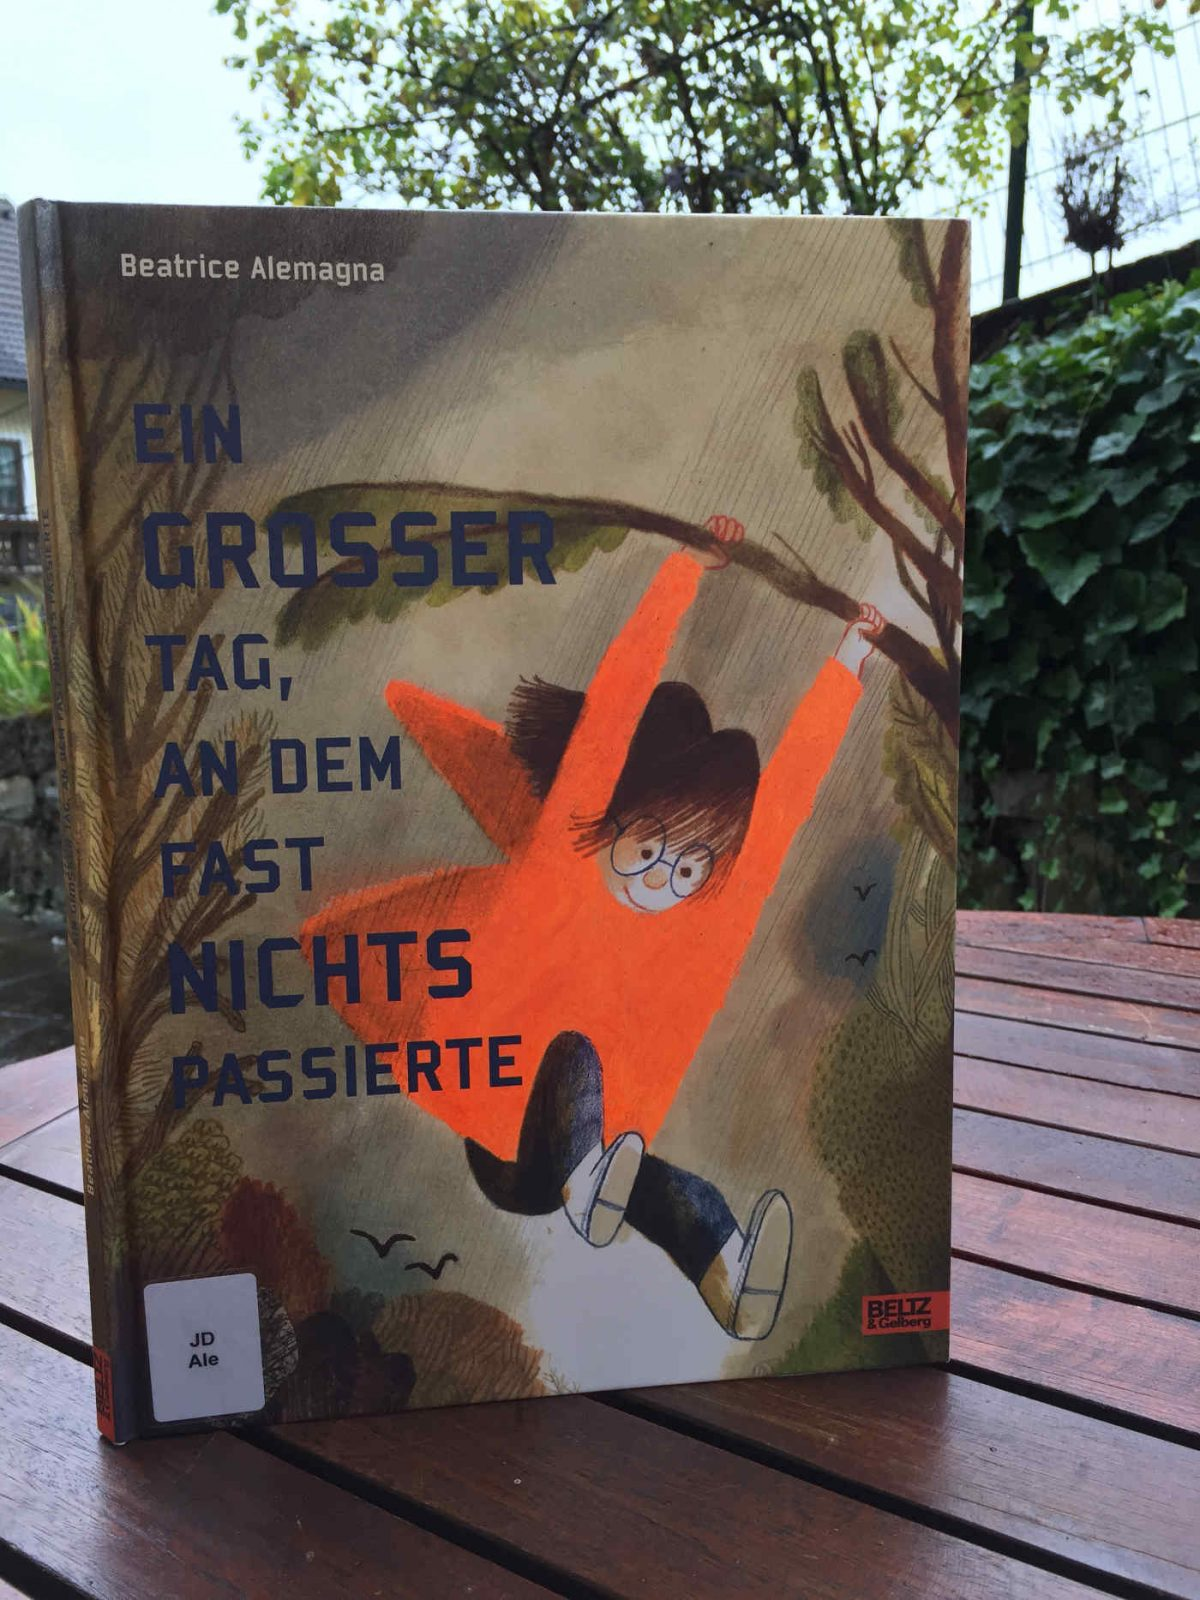 Beatrice Alemagna: Ein großer Tag, an dem fast nichts passierte